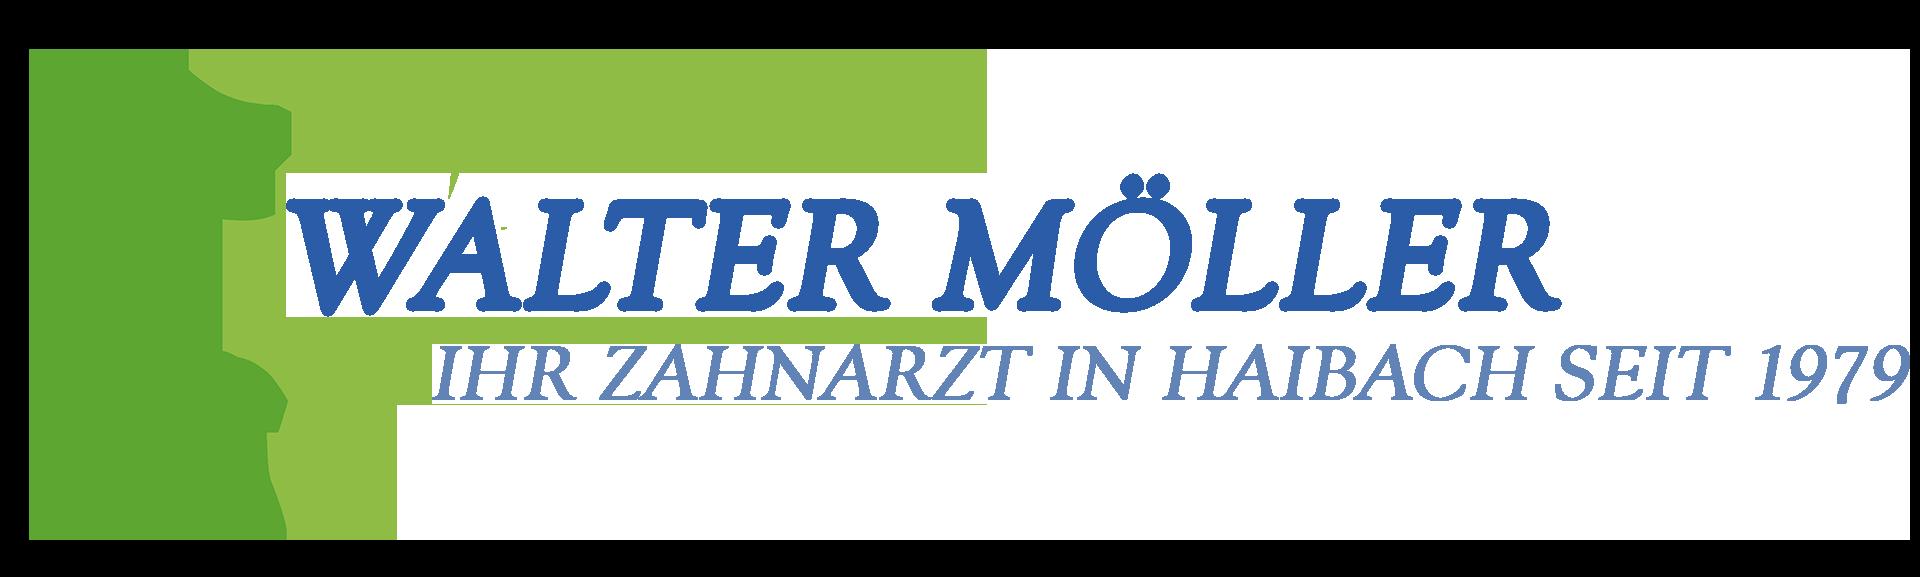 Zahnarzt Walter Moeller